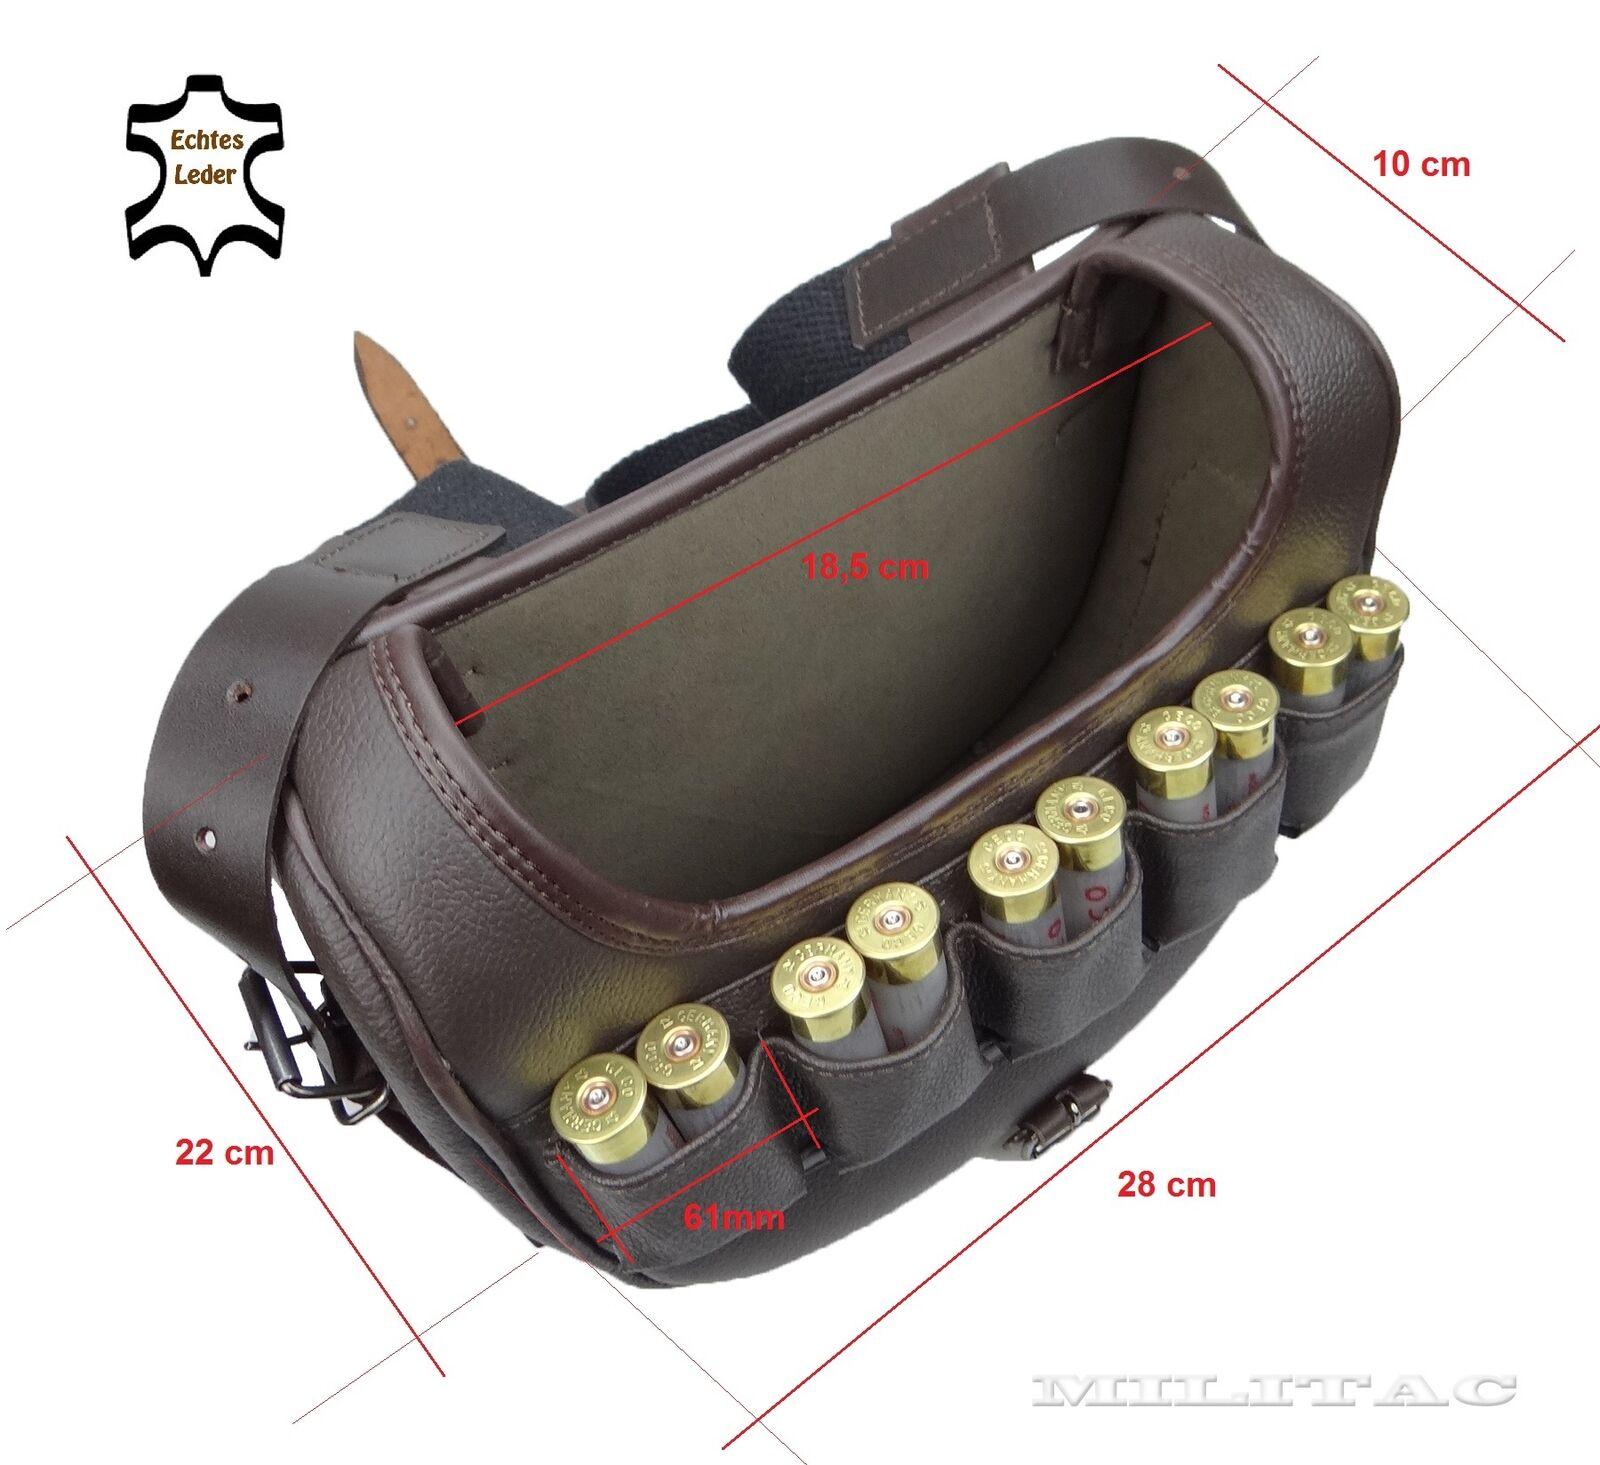 Handarbeit Jäger Munition Tasche Edle Rind Leder Braun Bestee Bestee Bestee Sattlerarbeit Jagd 65bbbc